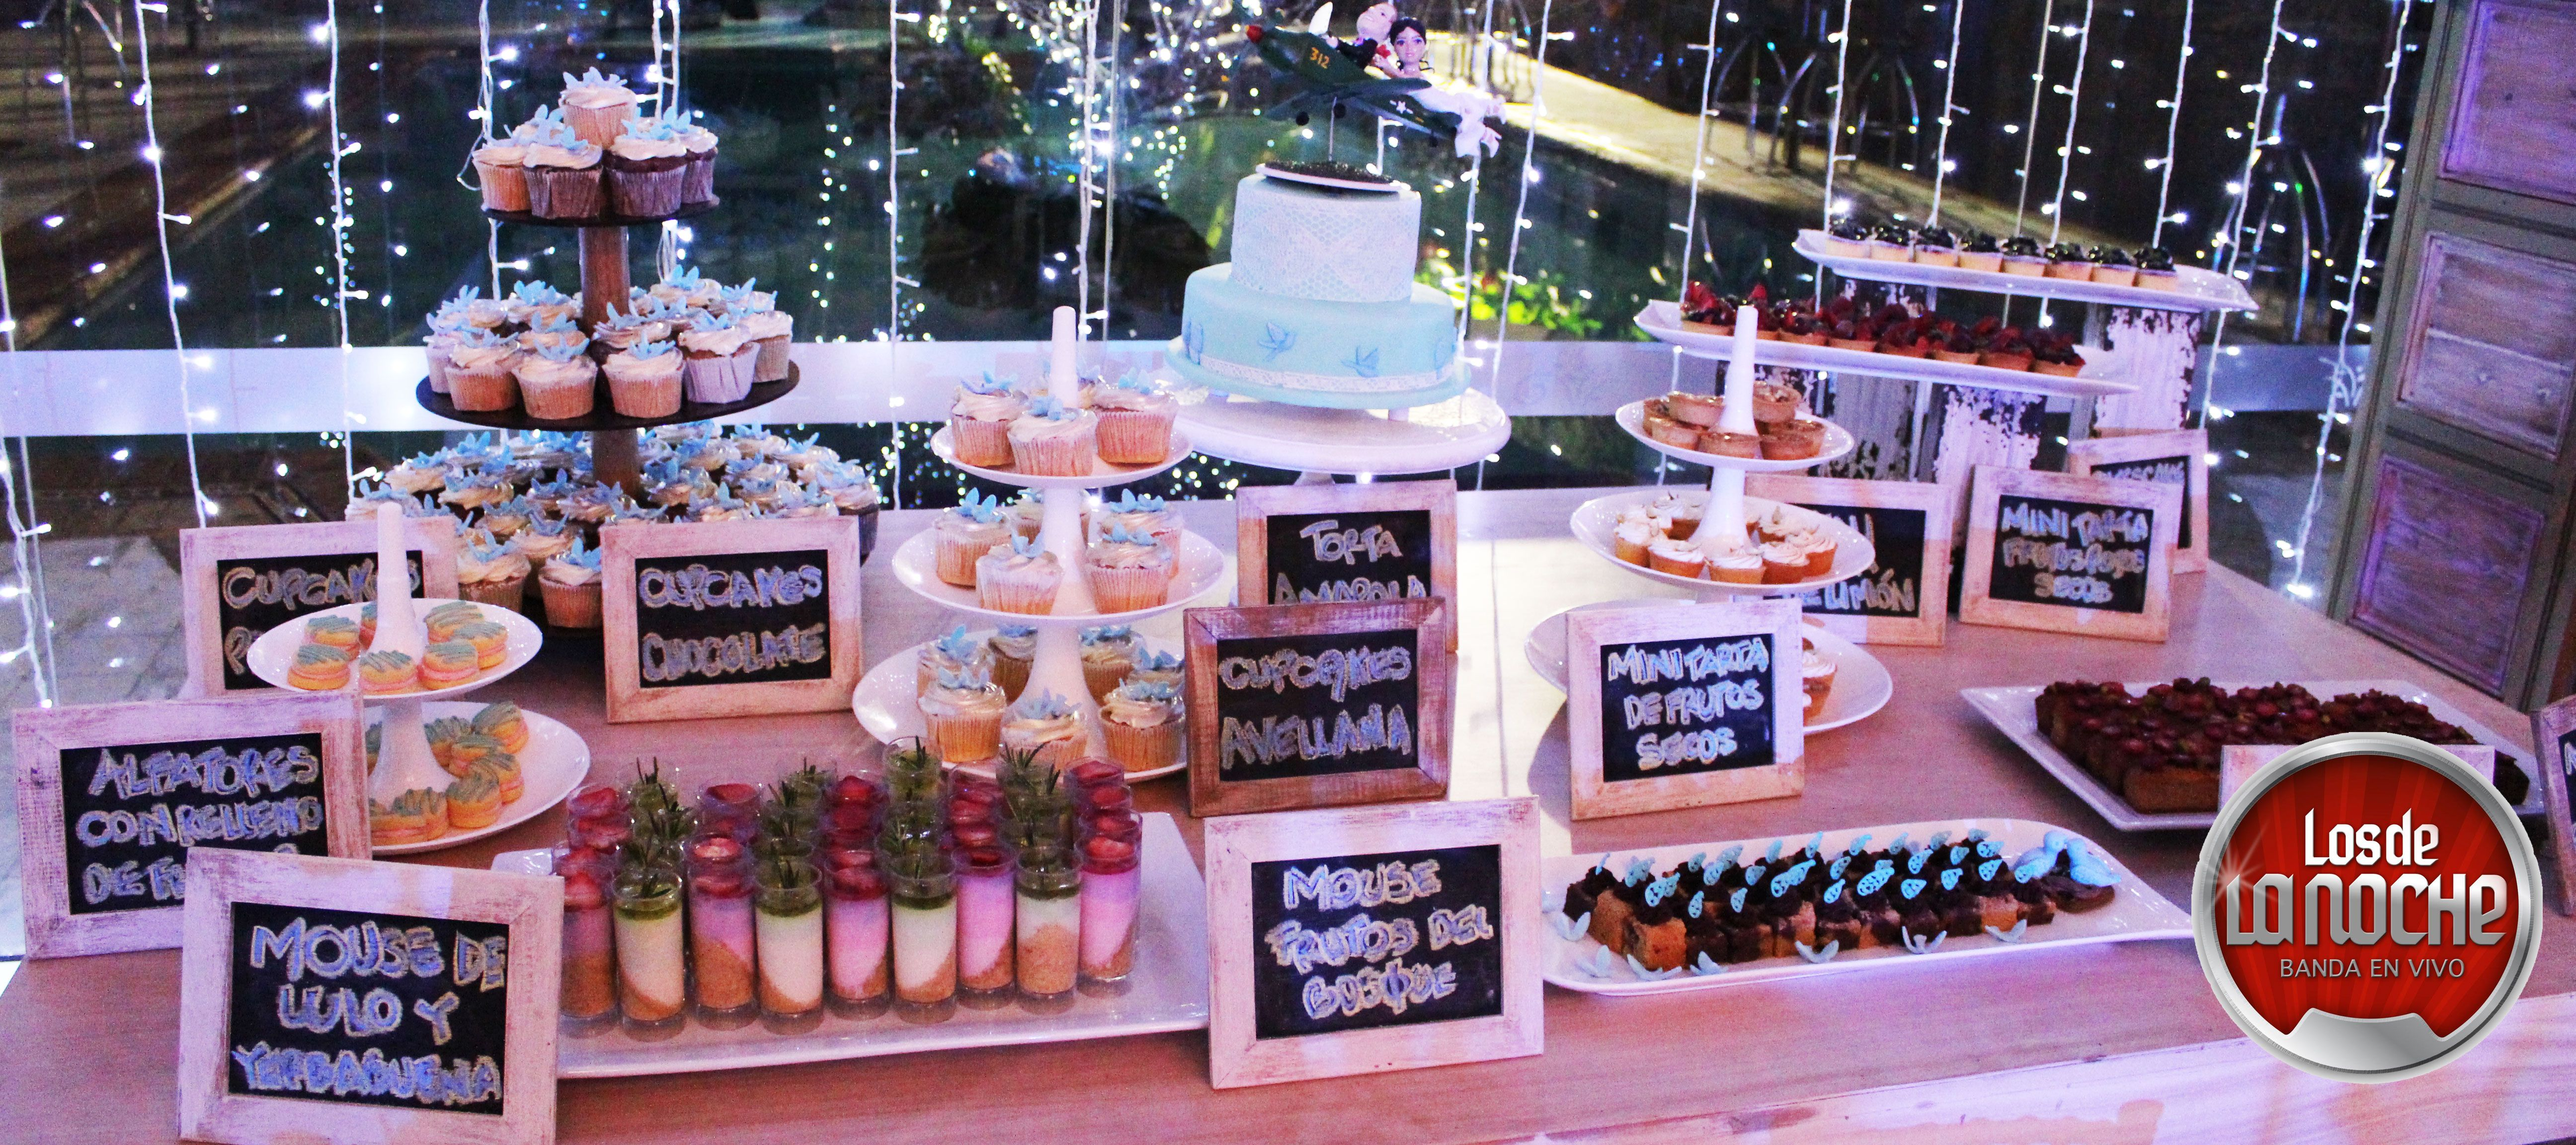 Ideas para bodas cakes mesa de dulces mesa de postres for Mesa de postres para boda